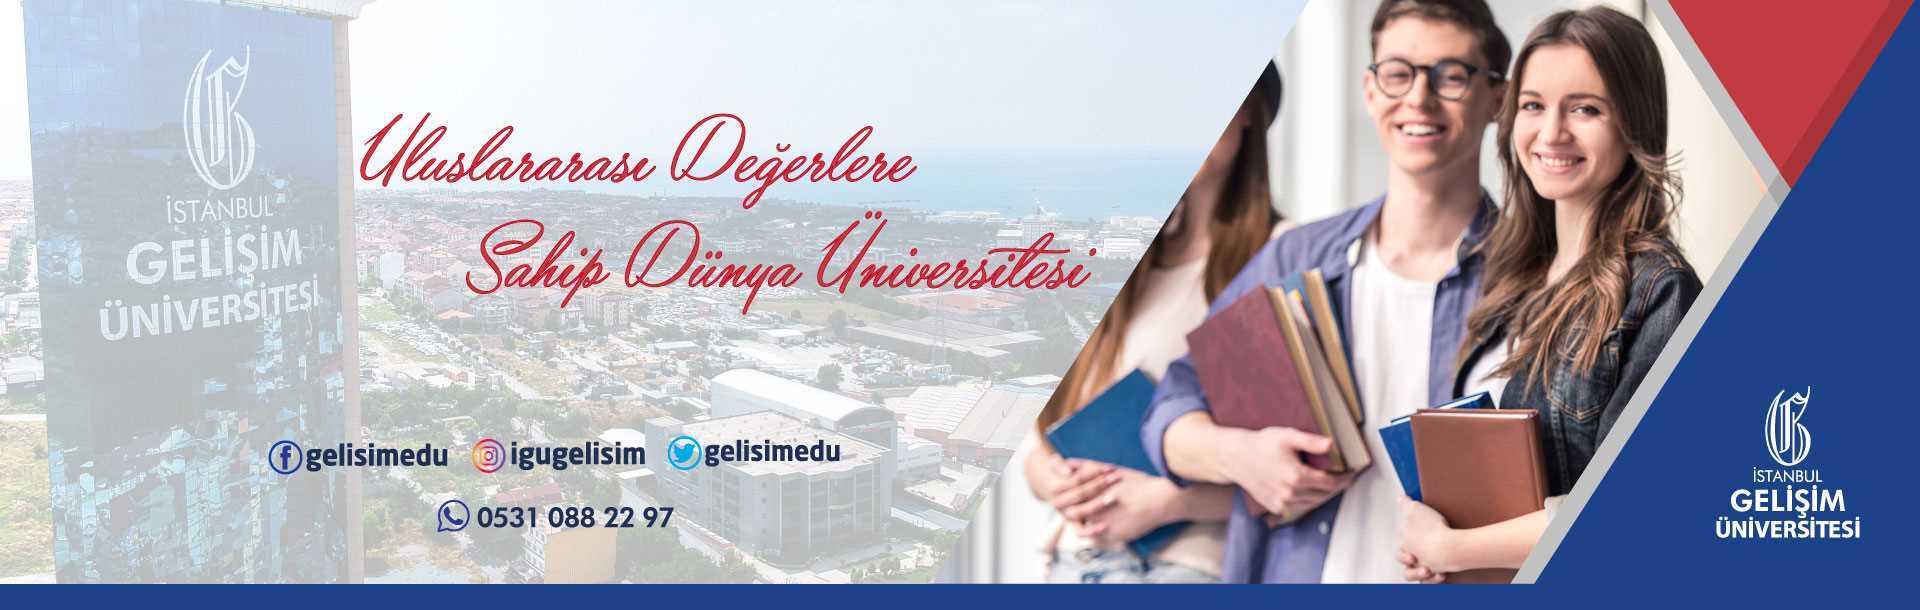 Uluslararası Değerlere Sahip Dünya Üniversitesi